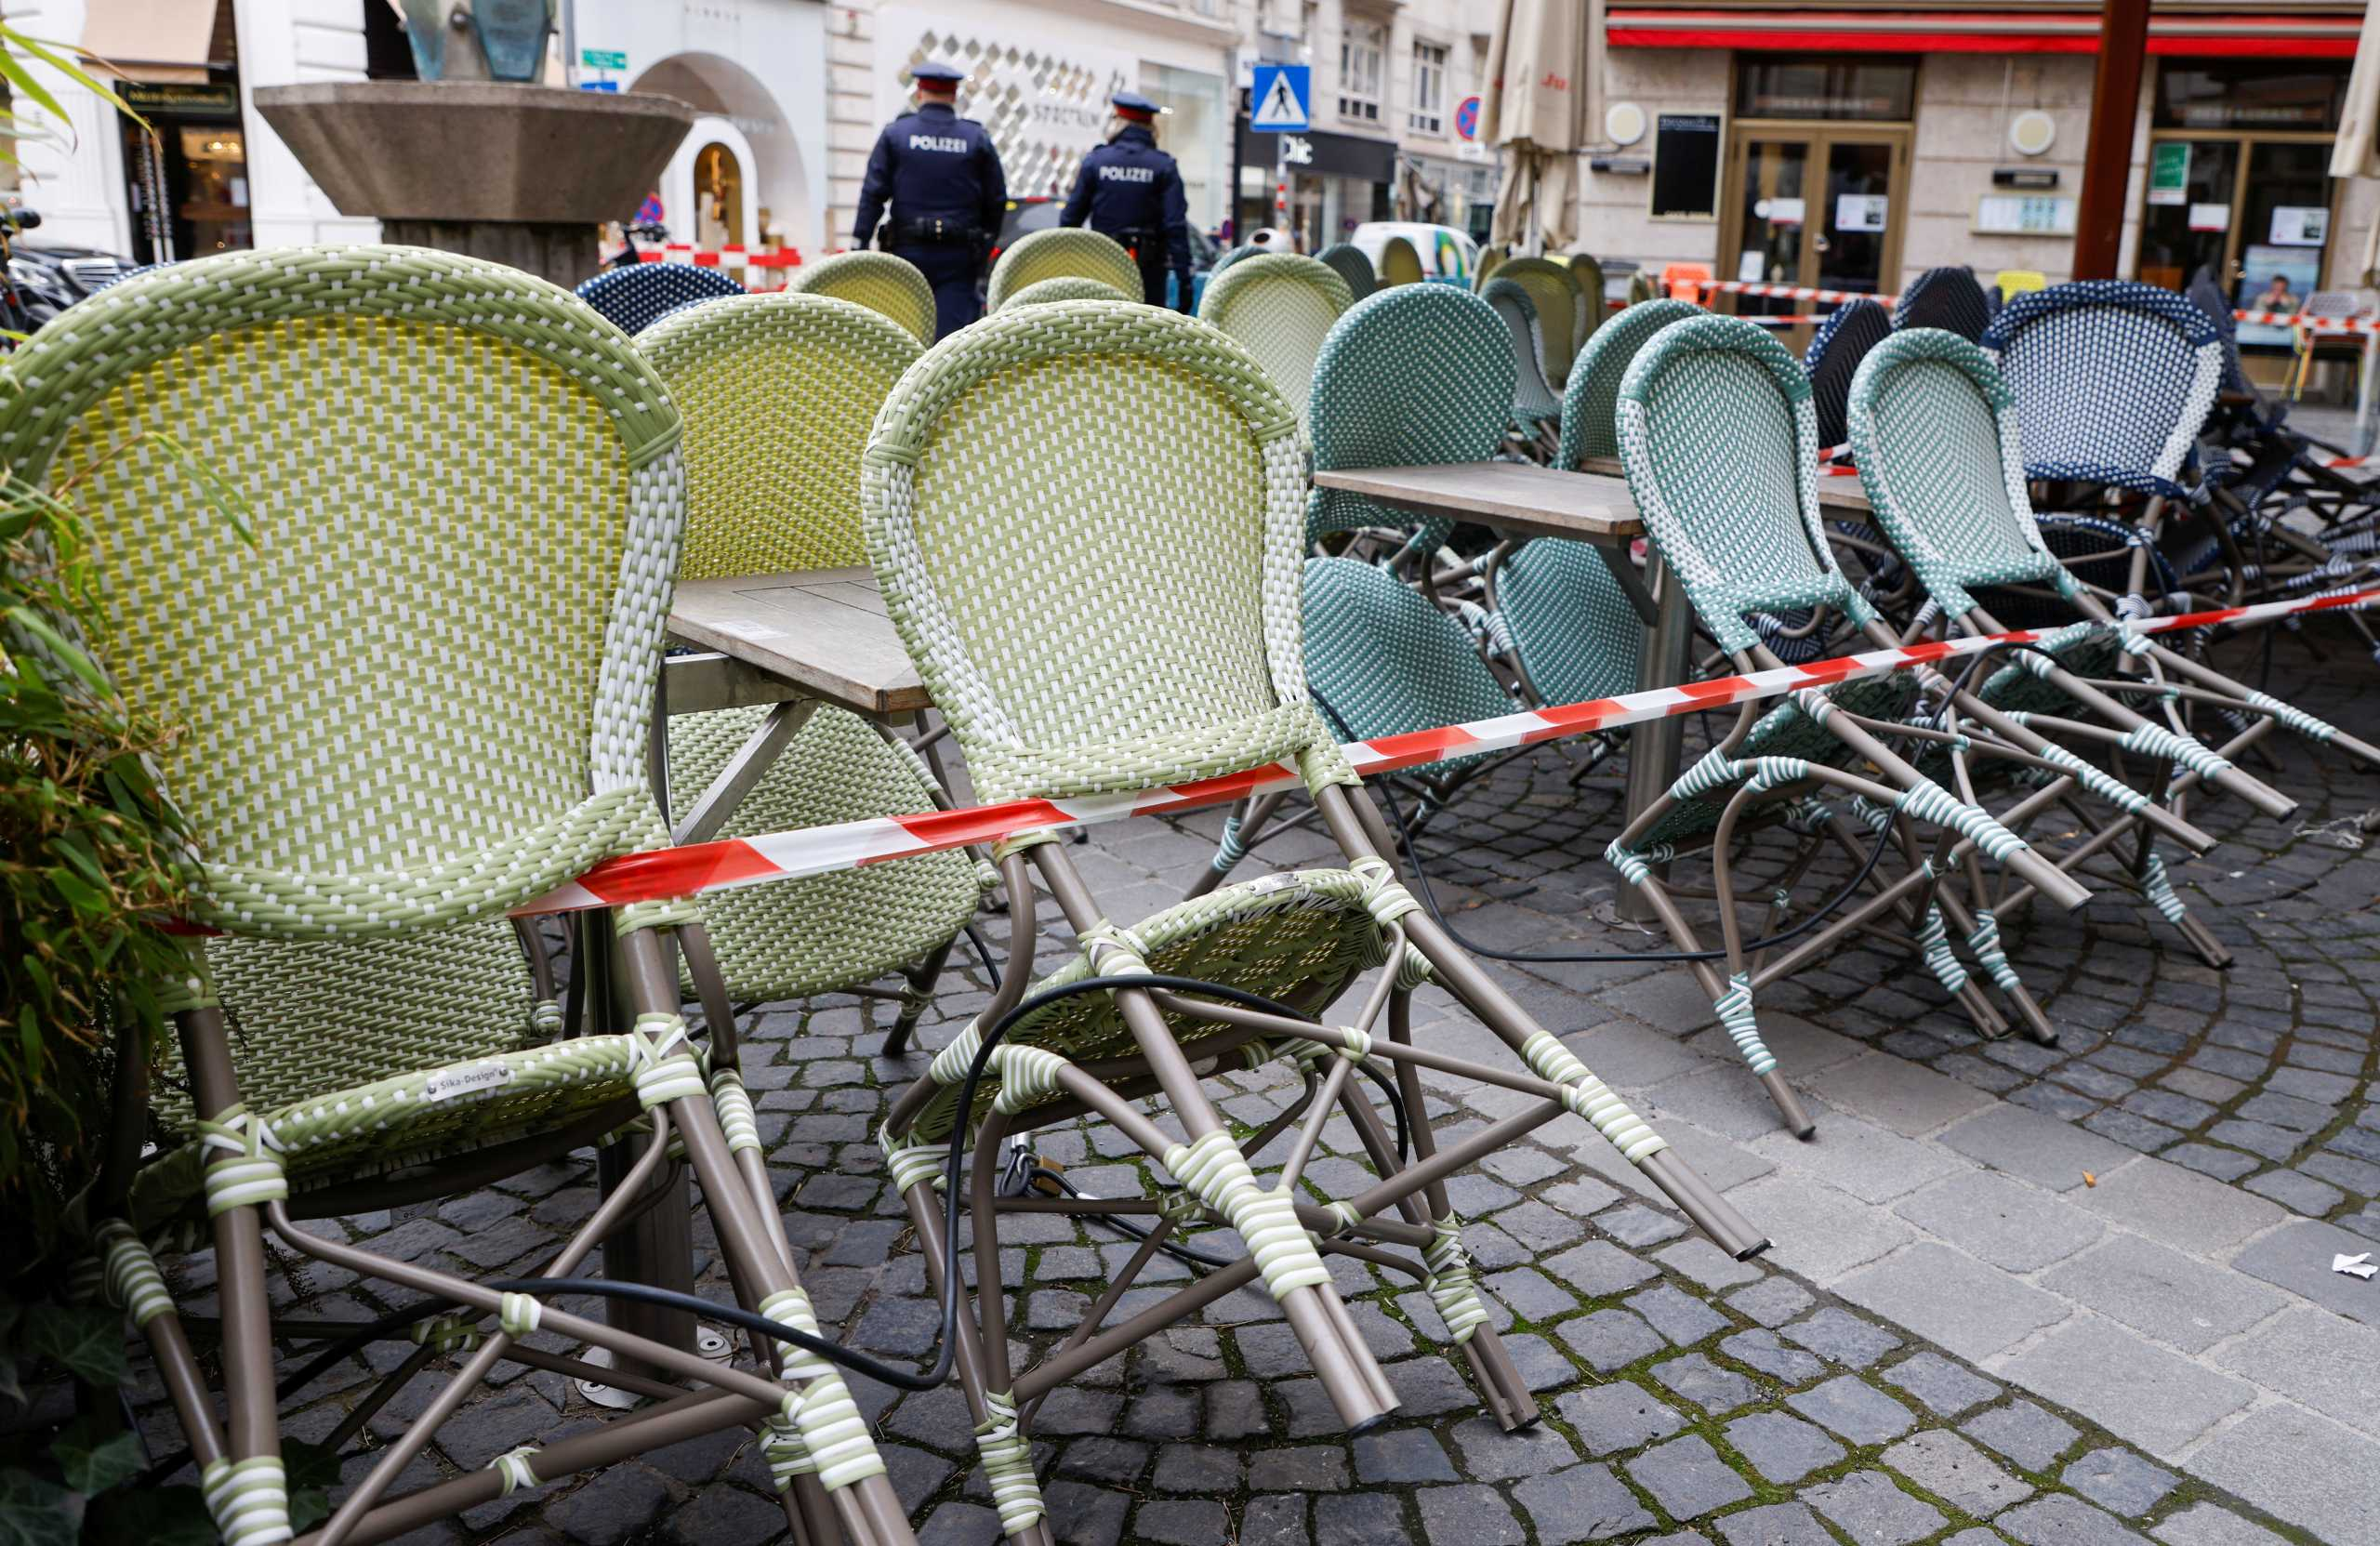 Γερμανία: Τέλος Ιουνίου τουρισμός και εστιατόρια ανεβάζουν ρολά